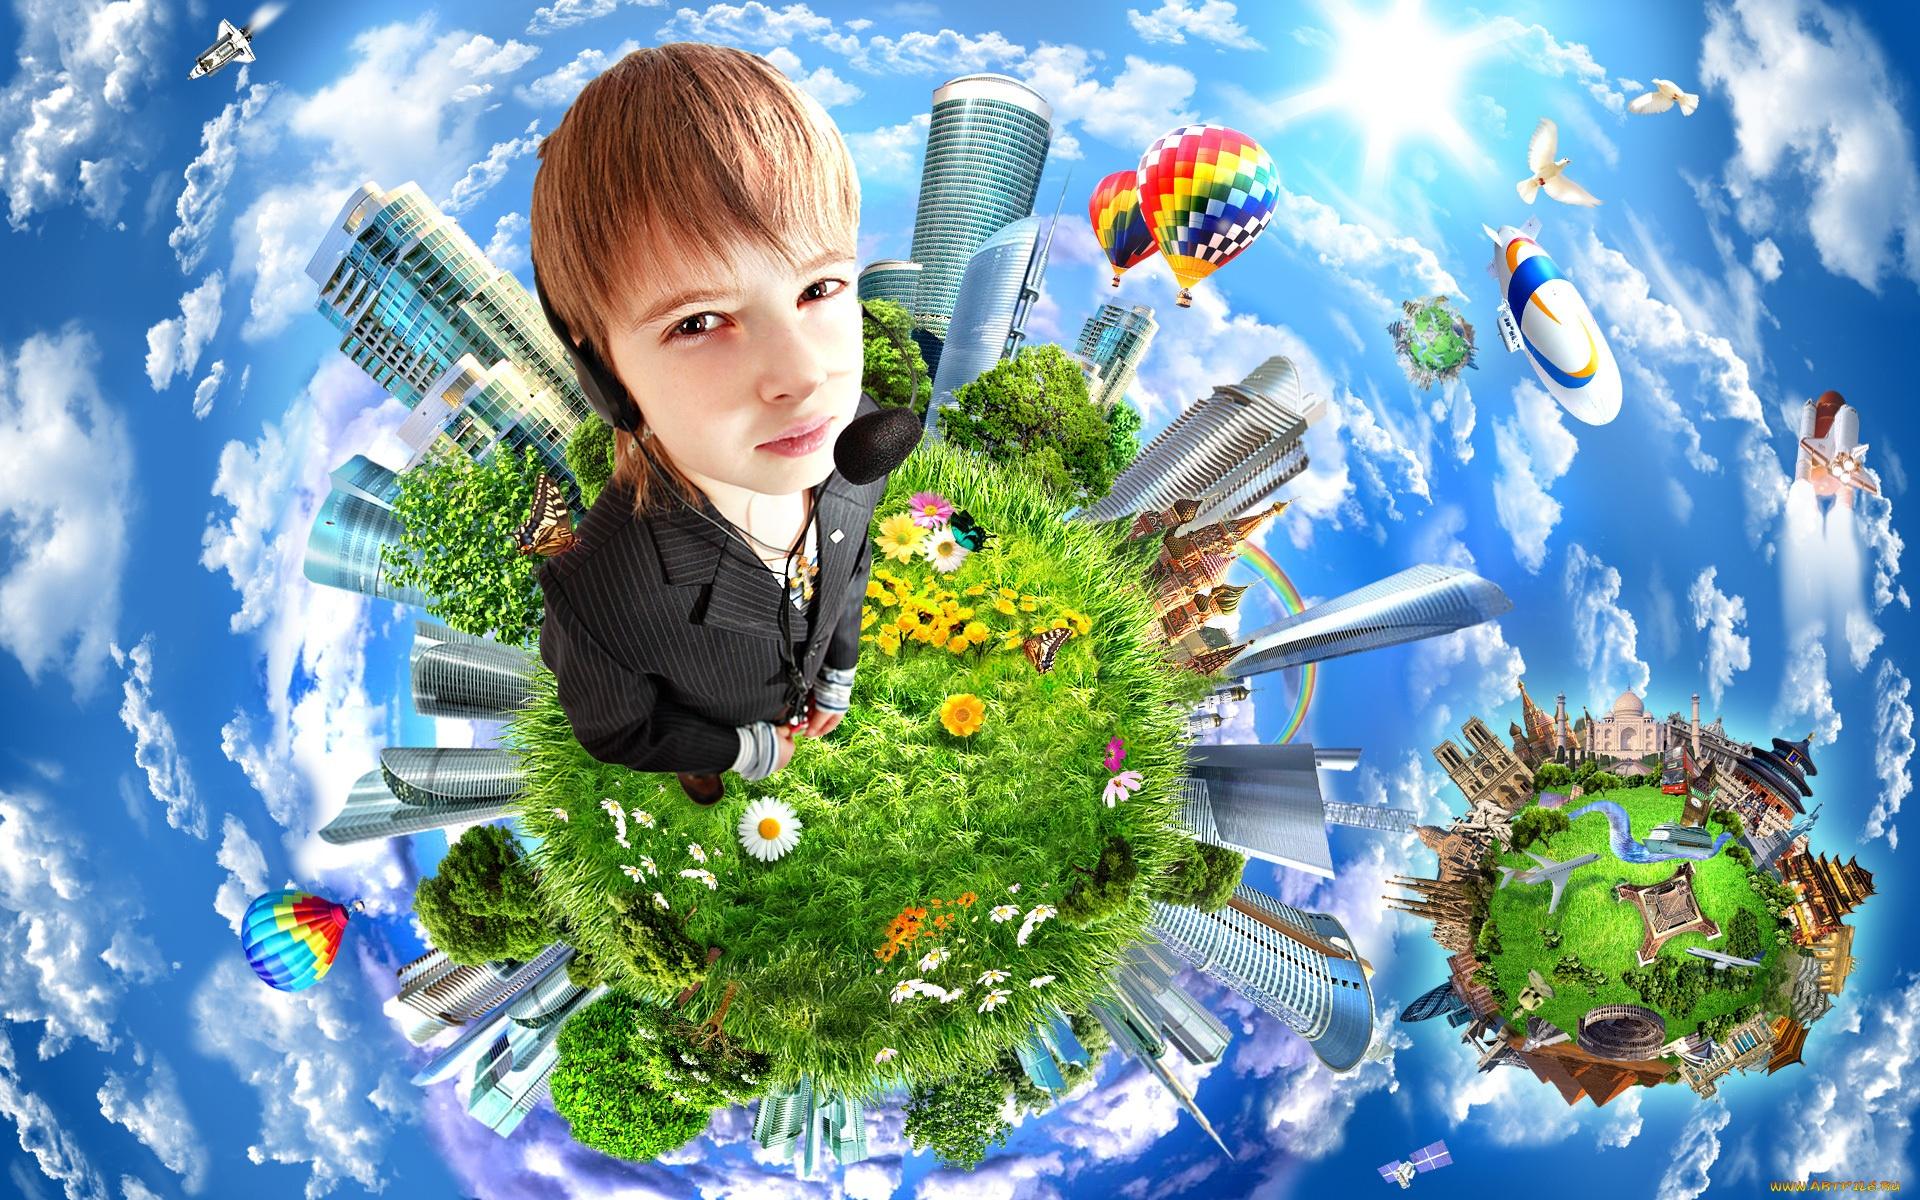 Человек часть природы картинки для детей